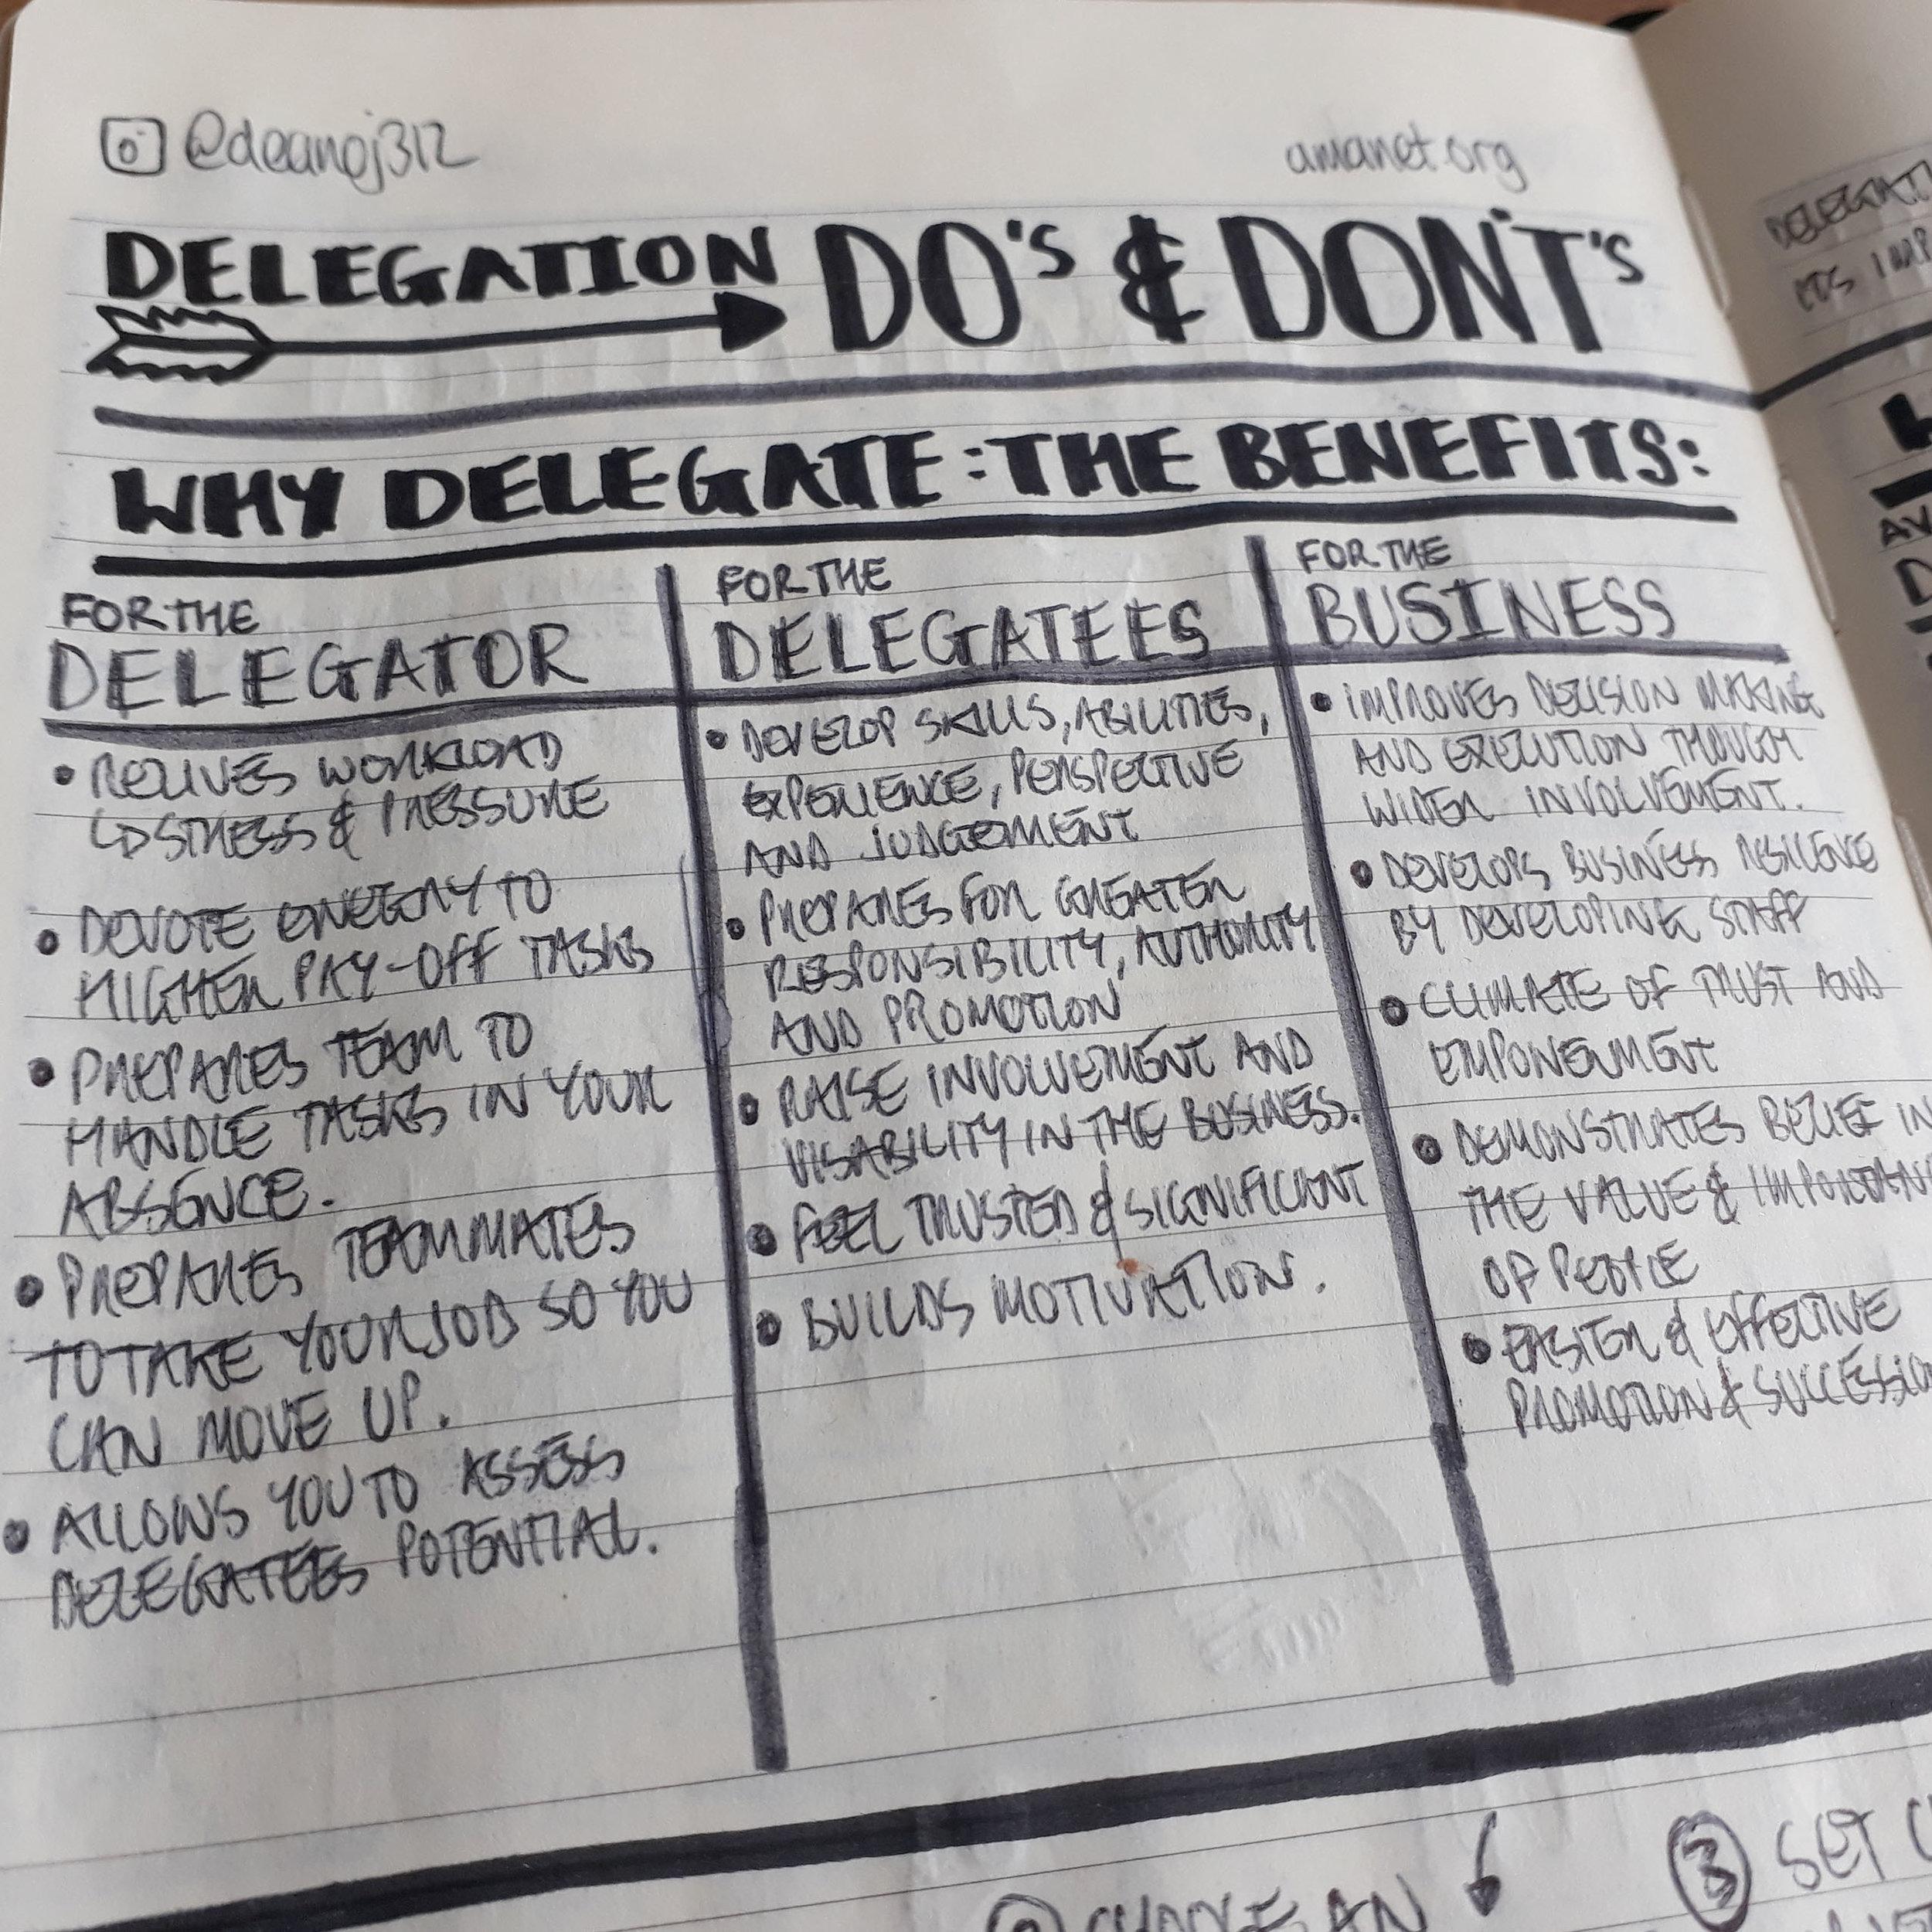 DelegationDos-Donts2.jpg